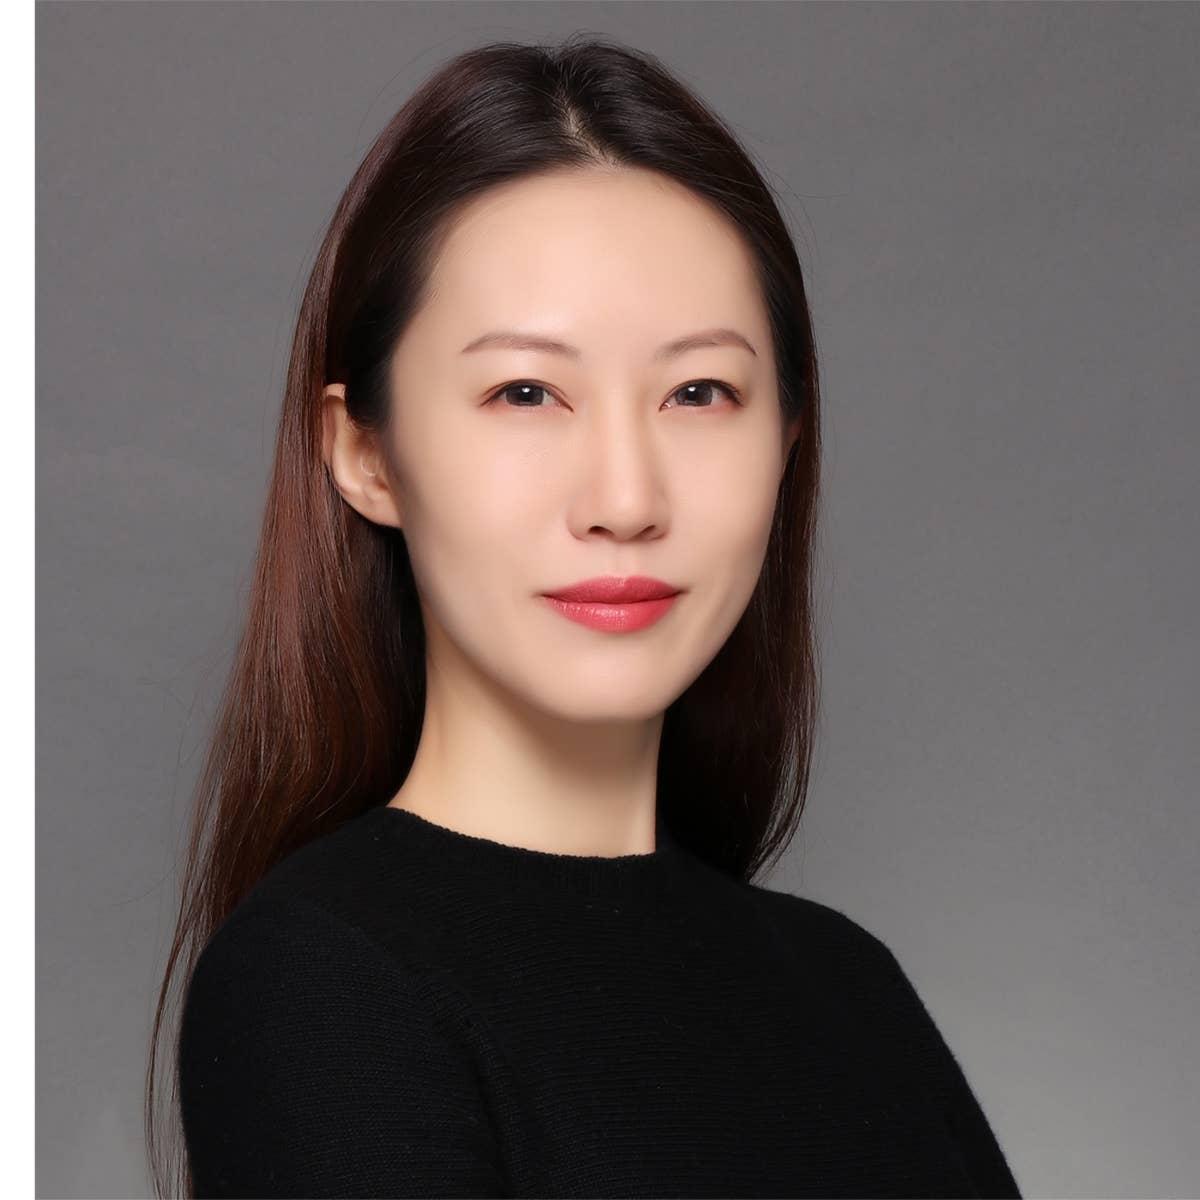 高玉皎 Rachel Gao